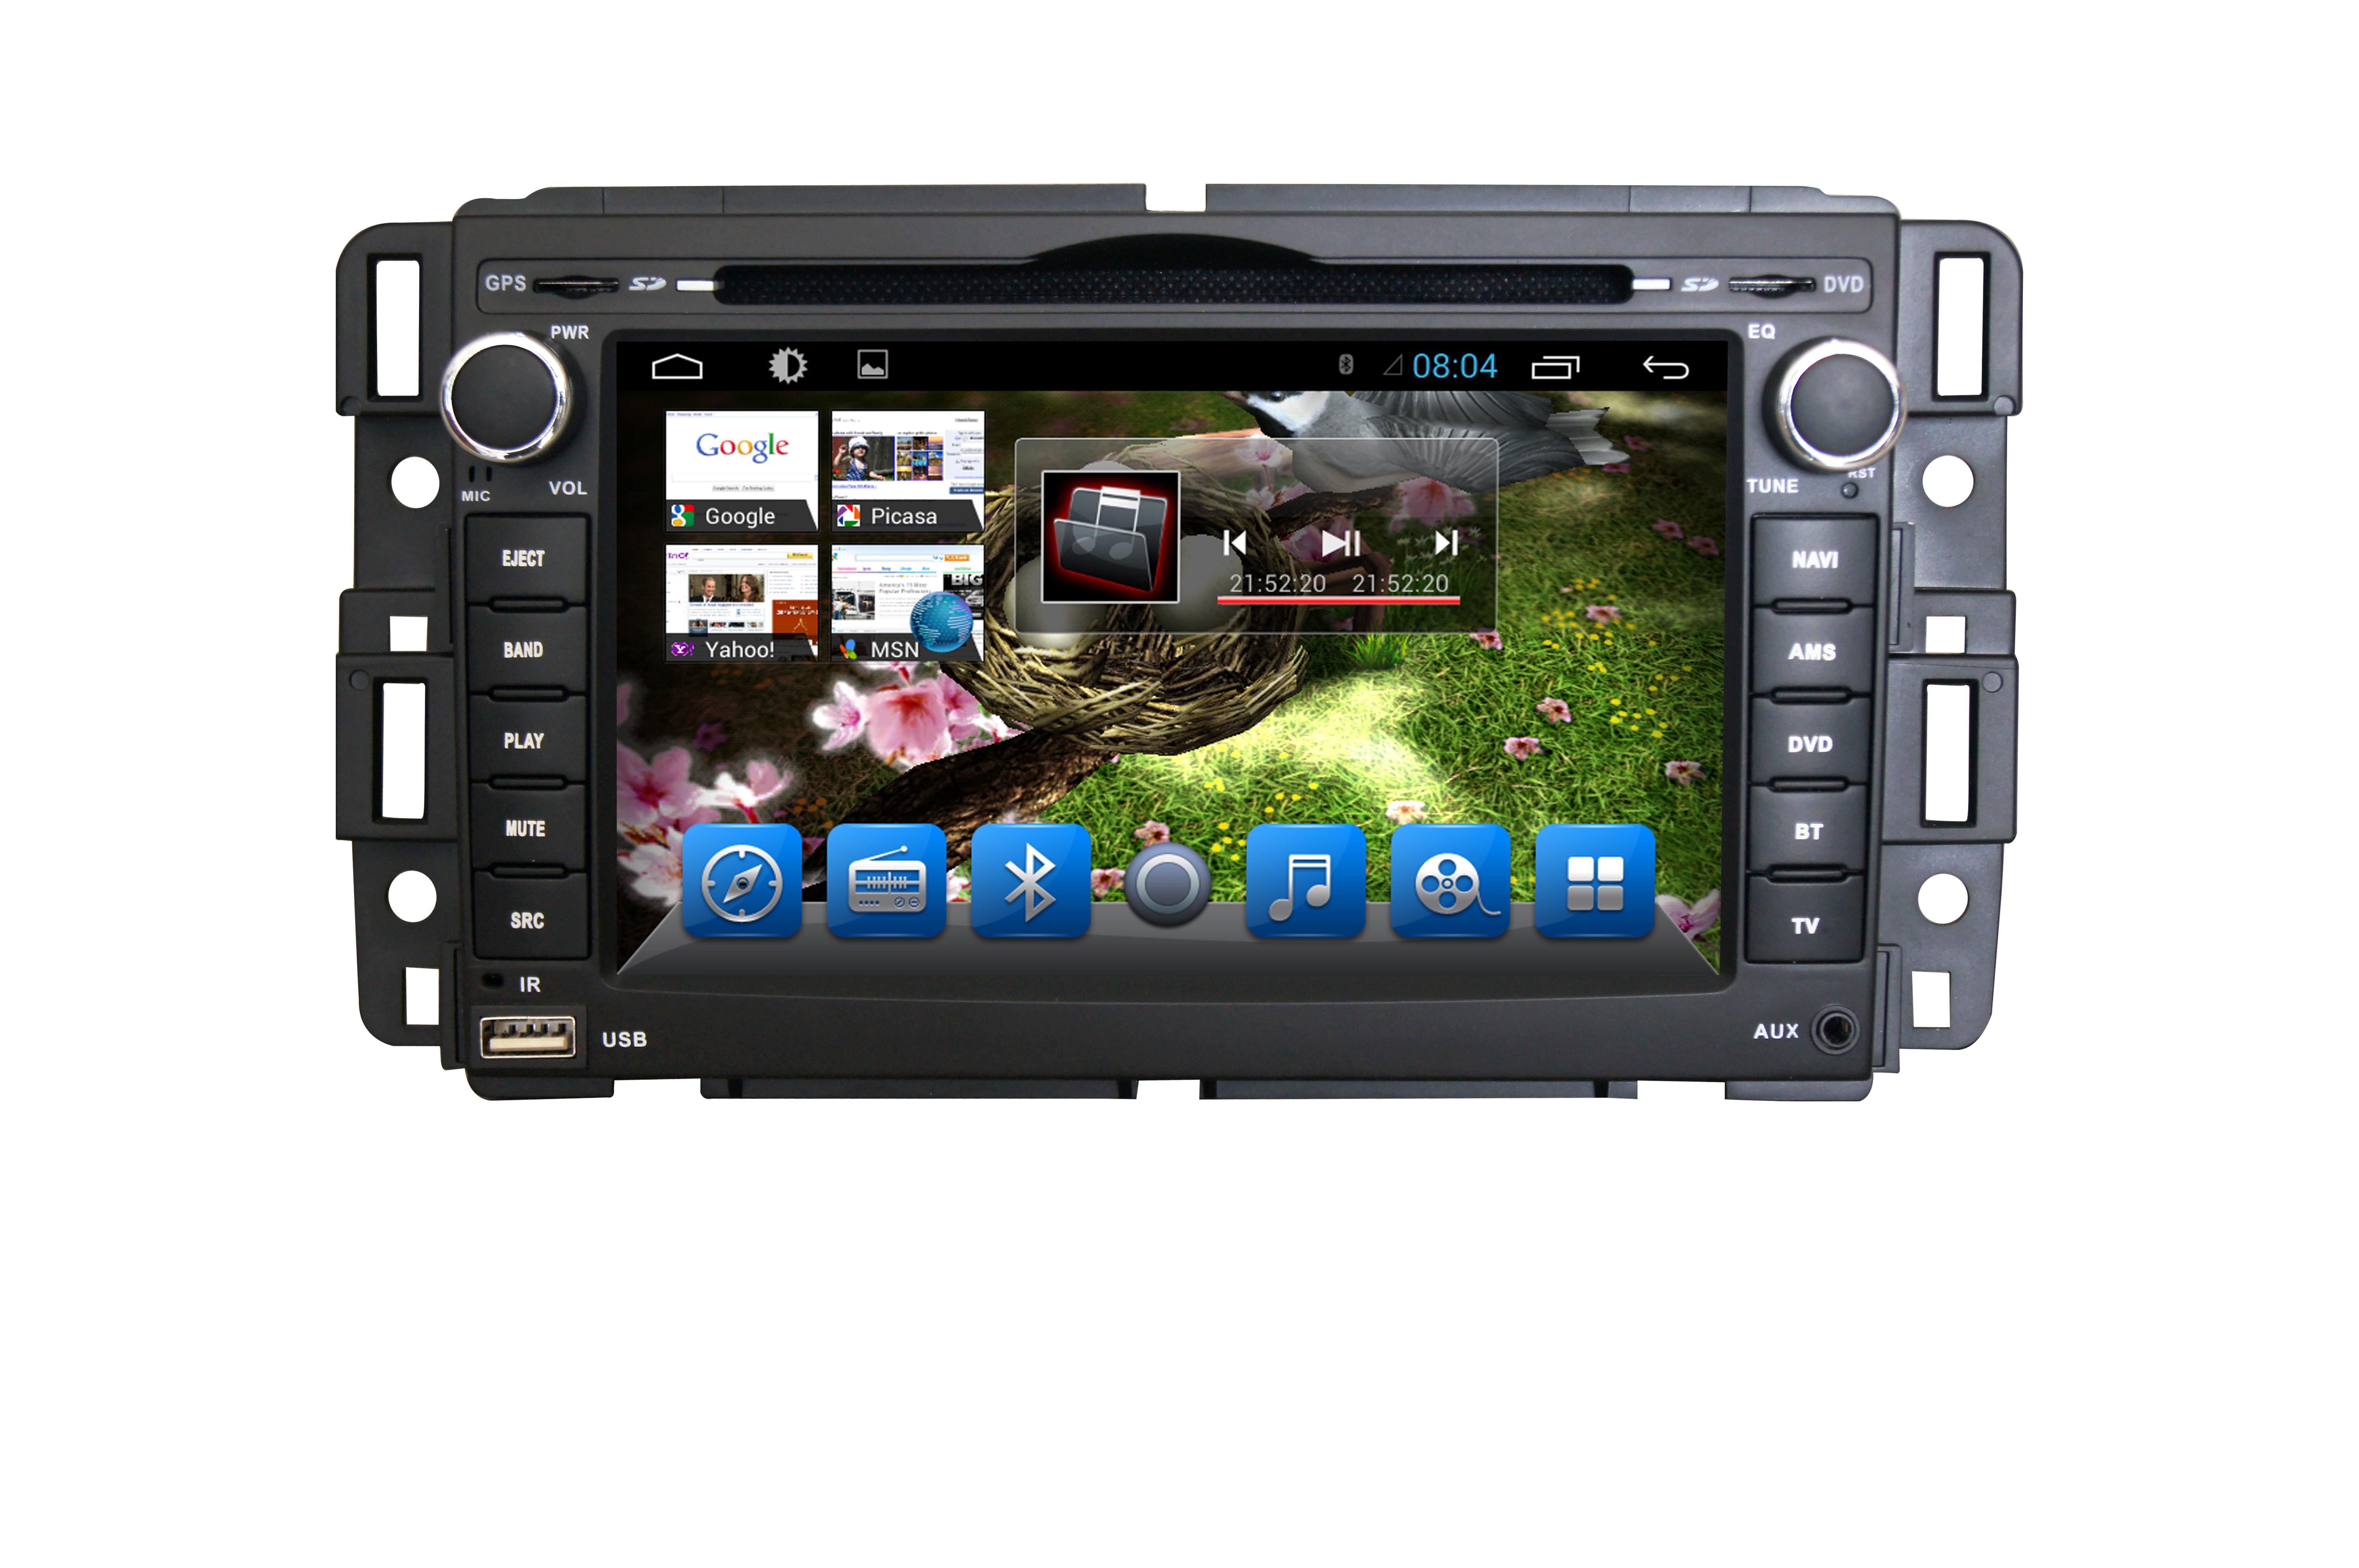 Штатная магнитола для Hummer H2 2002-2009 CARMEDIA KR-7041-T8 на Android 7.1 (+ камера заднего вида)CARMEDIA<br>Мультимедийные возможности и преимущества ОС Андроид сочетает штатная магнитола Carmedia KR-7041-T8 для Hummer H2 2002-2009. Пользуйтесь навигацией, слушайте радио, смотрите фильмы, играйте в игры!